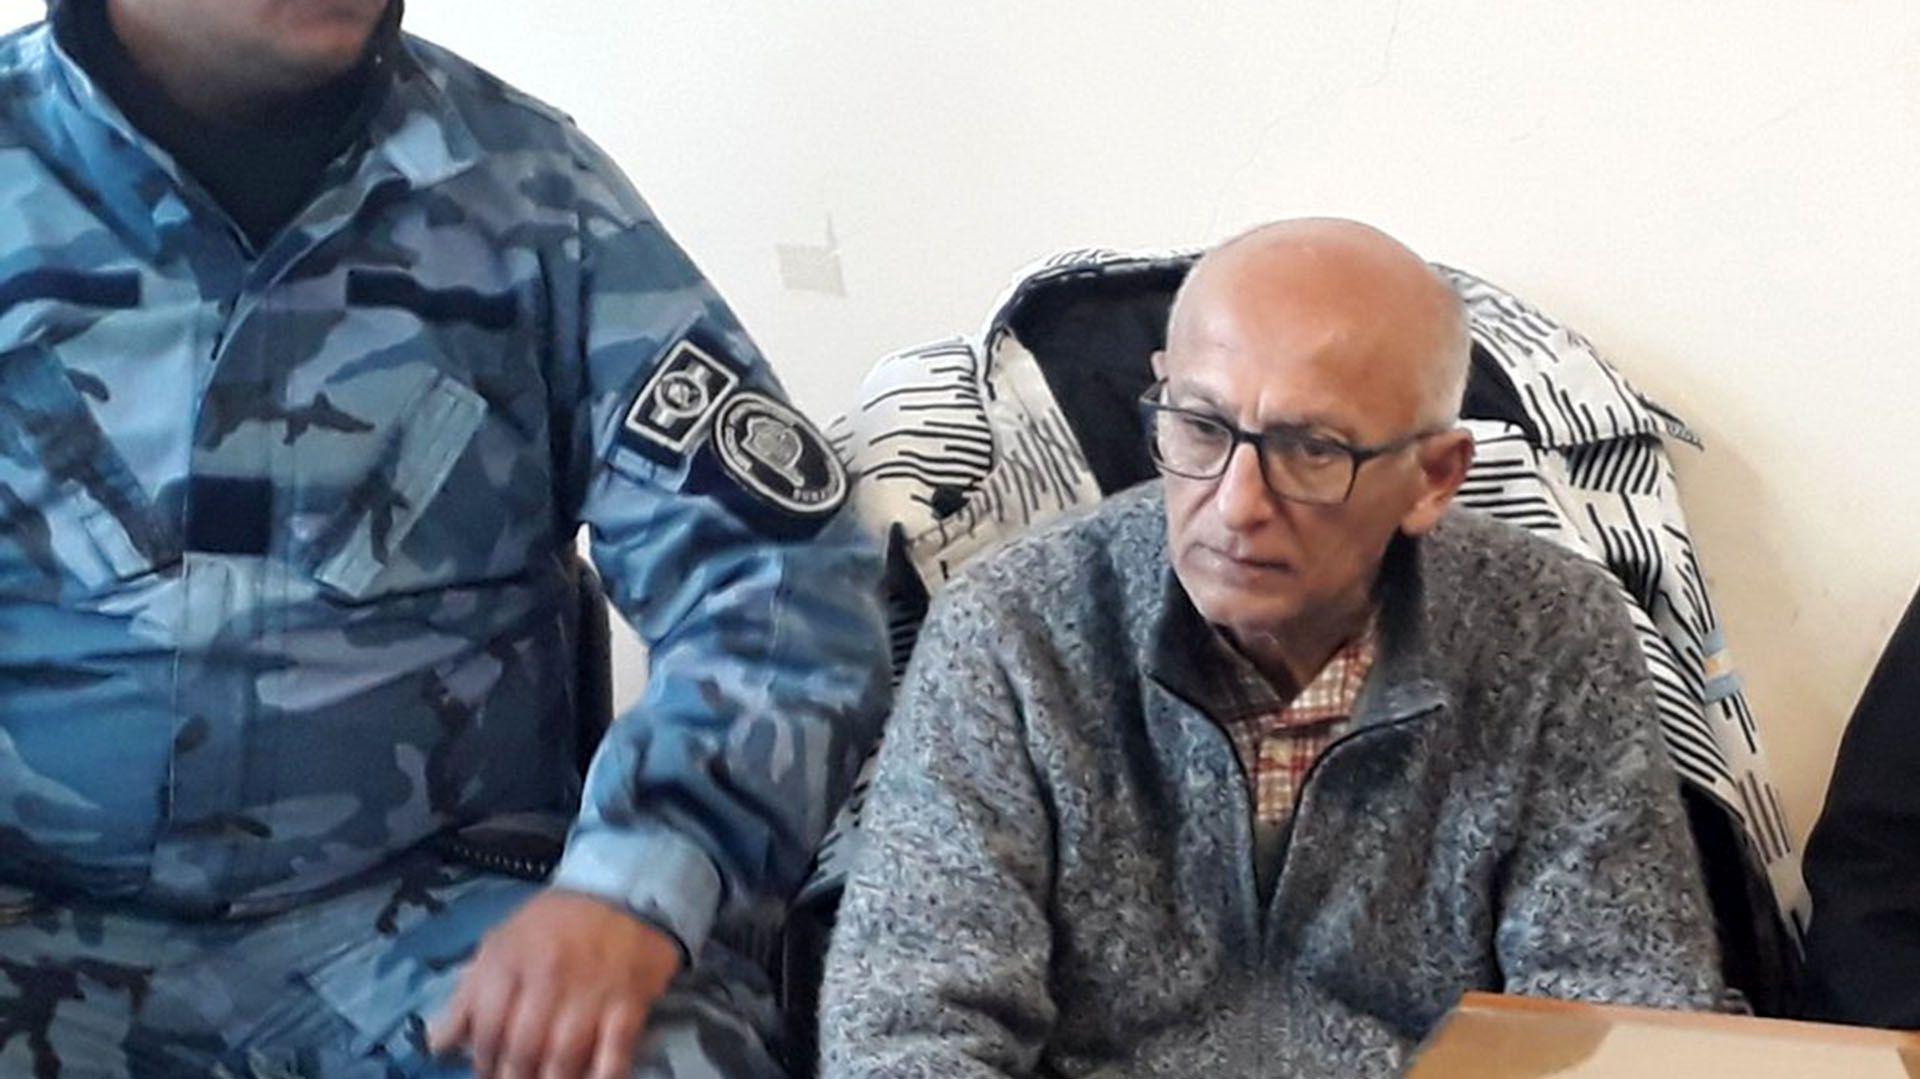 El periodista fue condenado hoy en Mar del Plata (@DantasMartin)